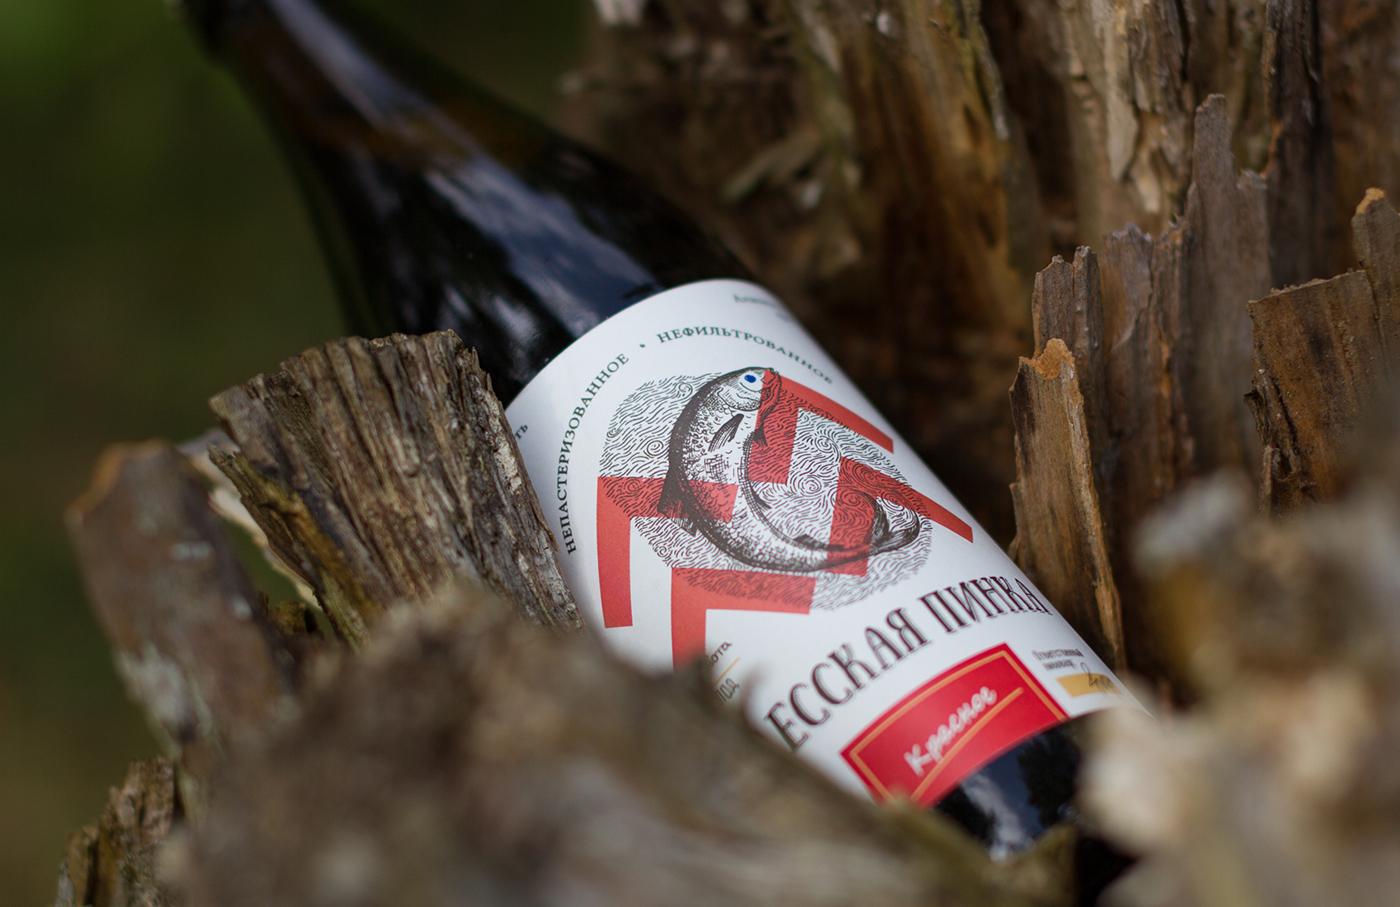 упаковка Дизайн продуктов графический дизайн бренды фотография identity beer lager logo